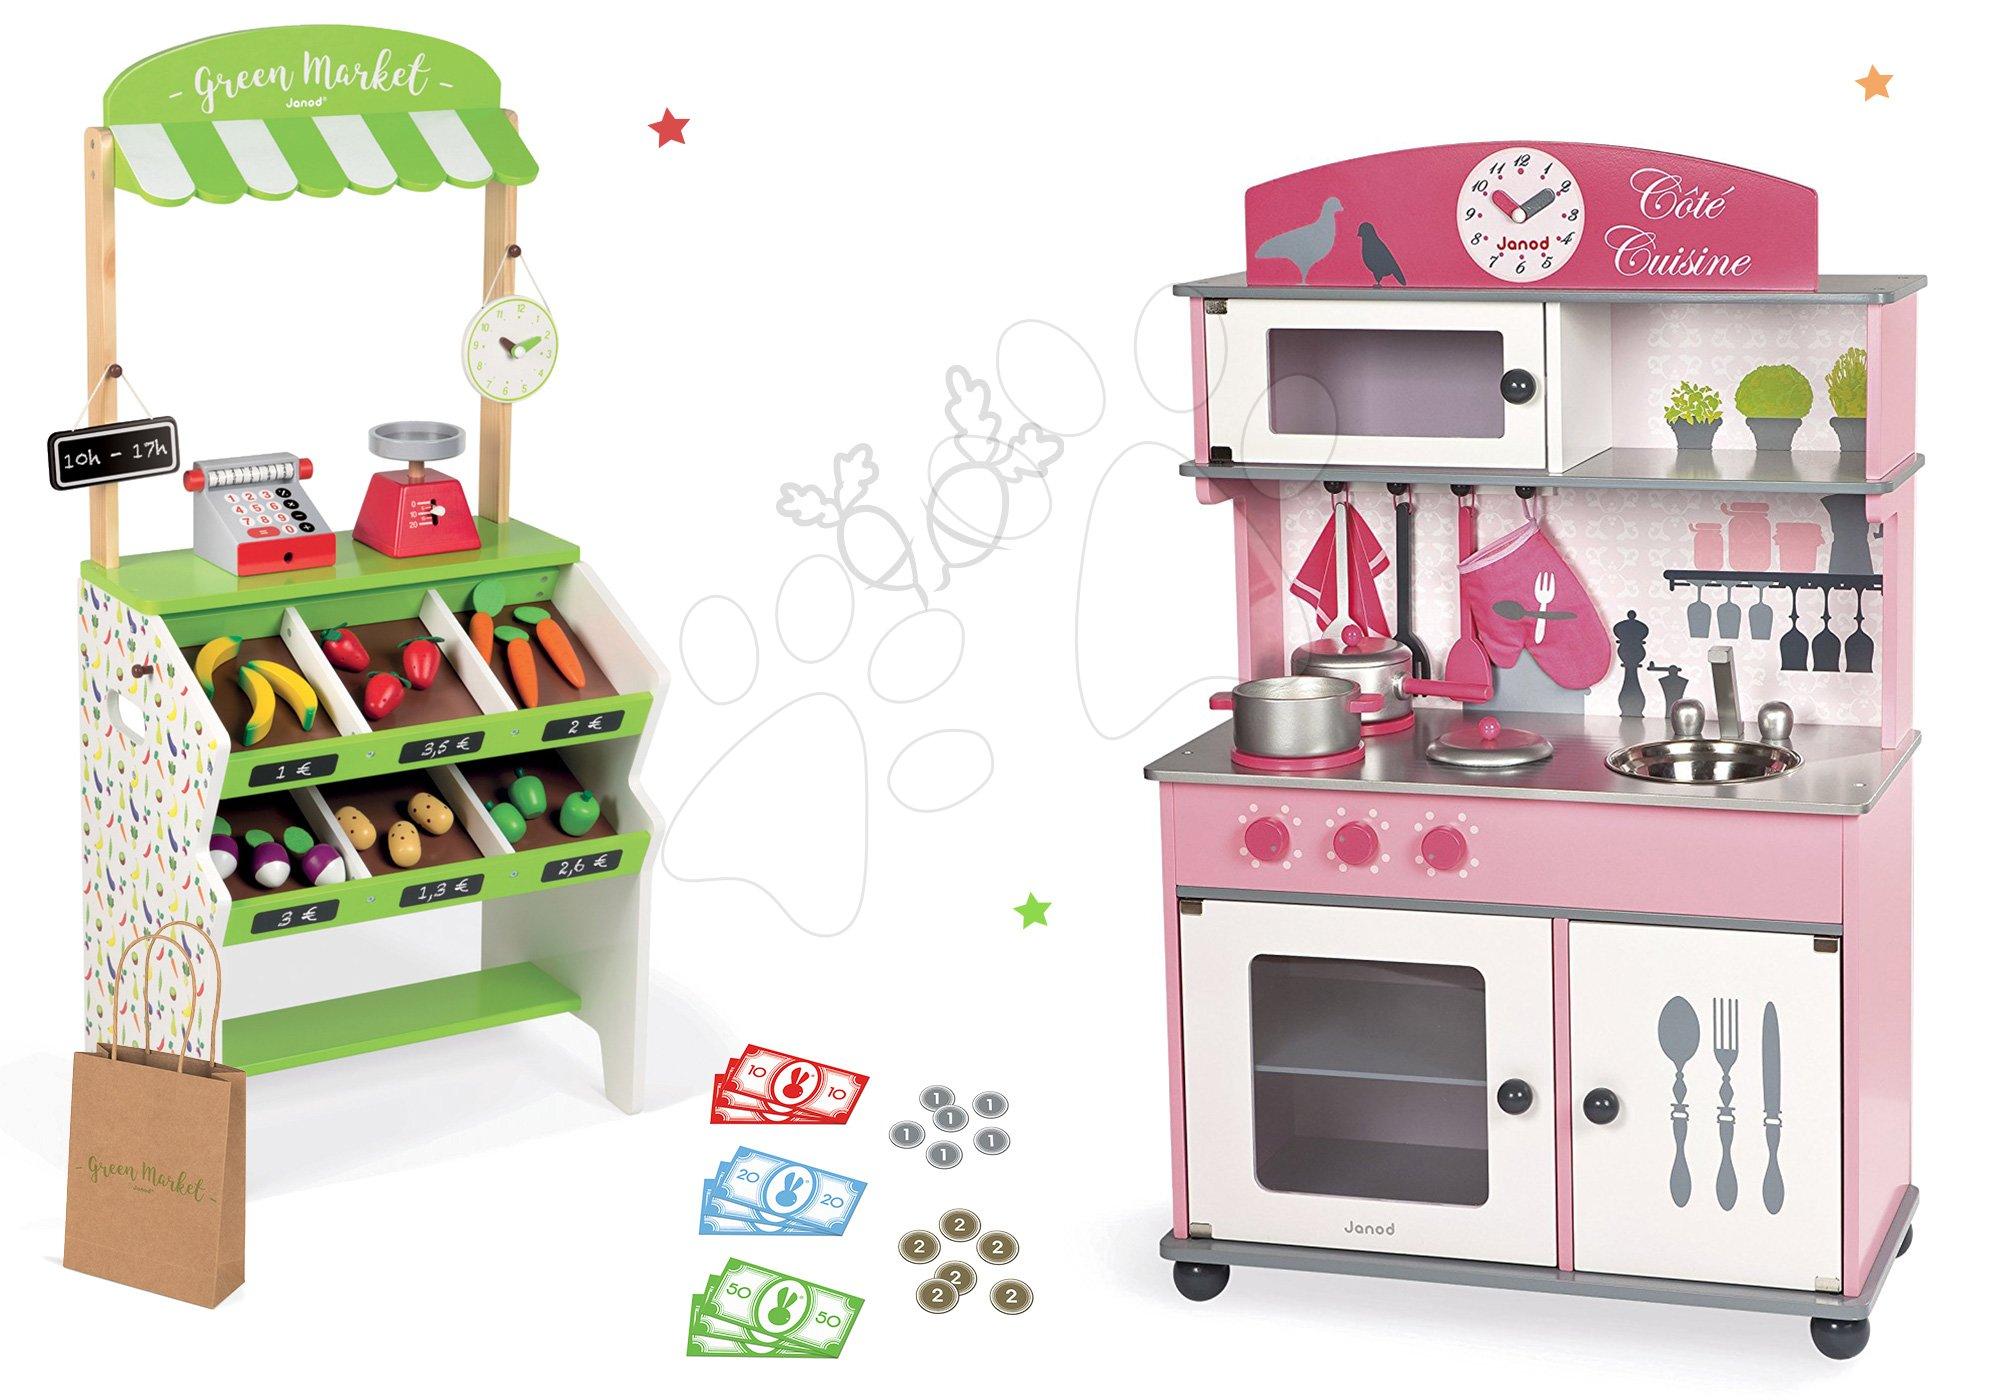 63f1be8a6 Set drevená kuchynka Cote Janod ružová na kolieskach a obchod s pokladňou a  potravinami